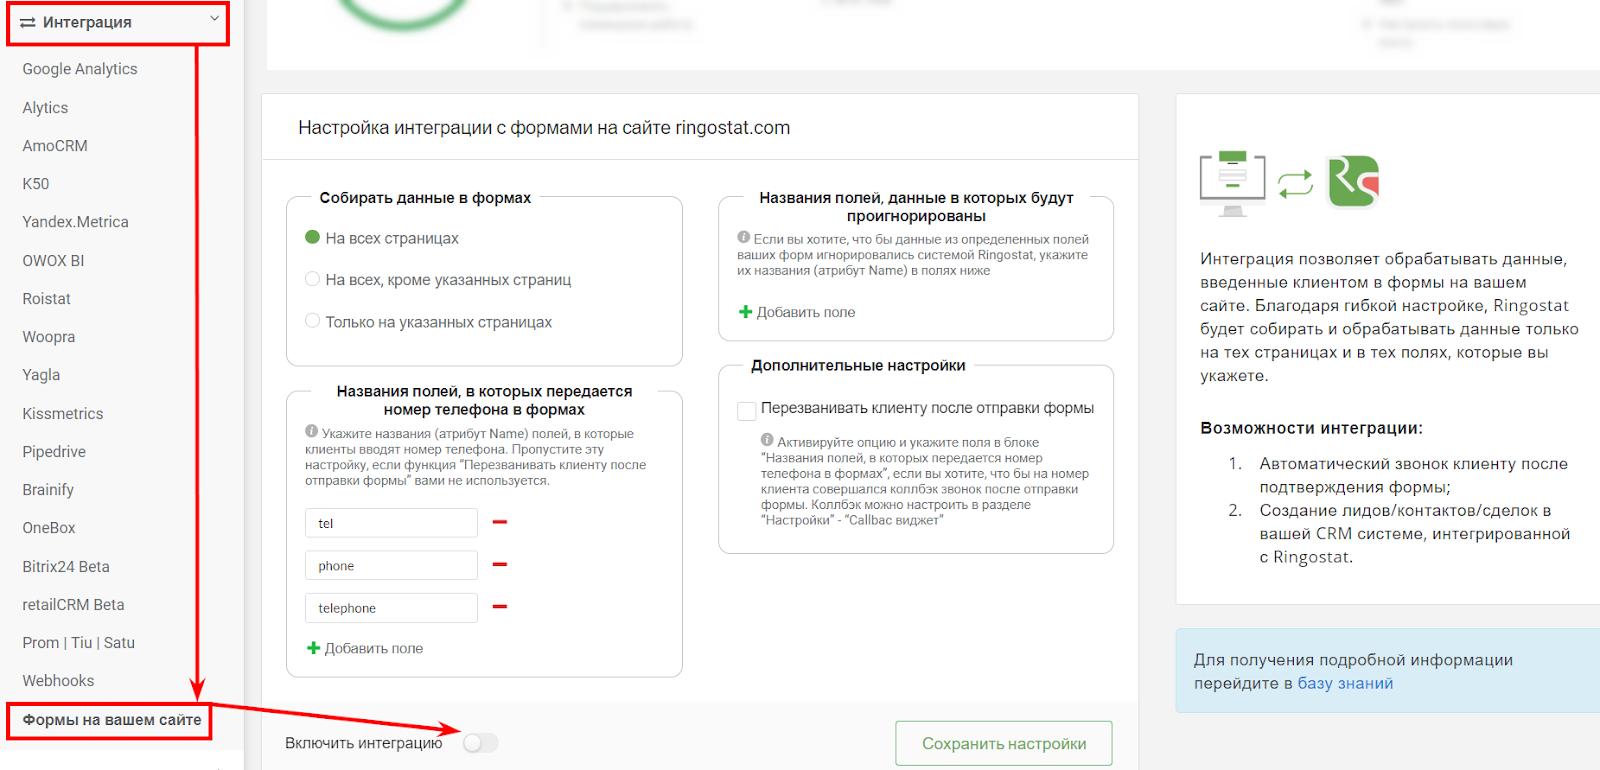 Новый функционал Ringostat позволит повысить конверсию форм на сайте и реагировать на запросы пользователей мгновенно